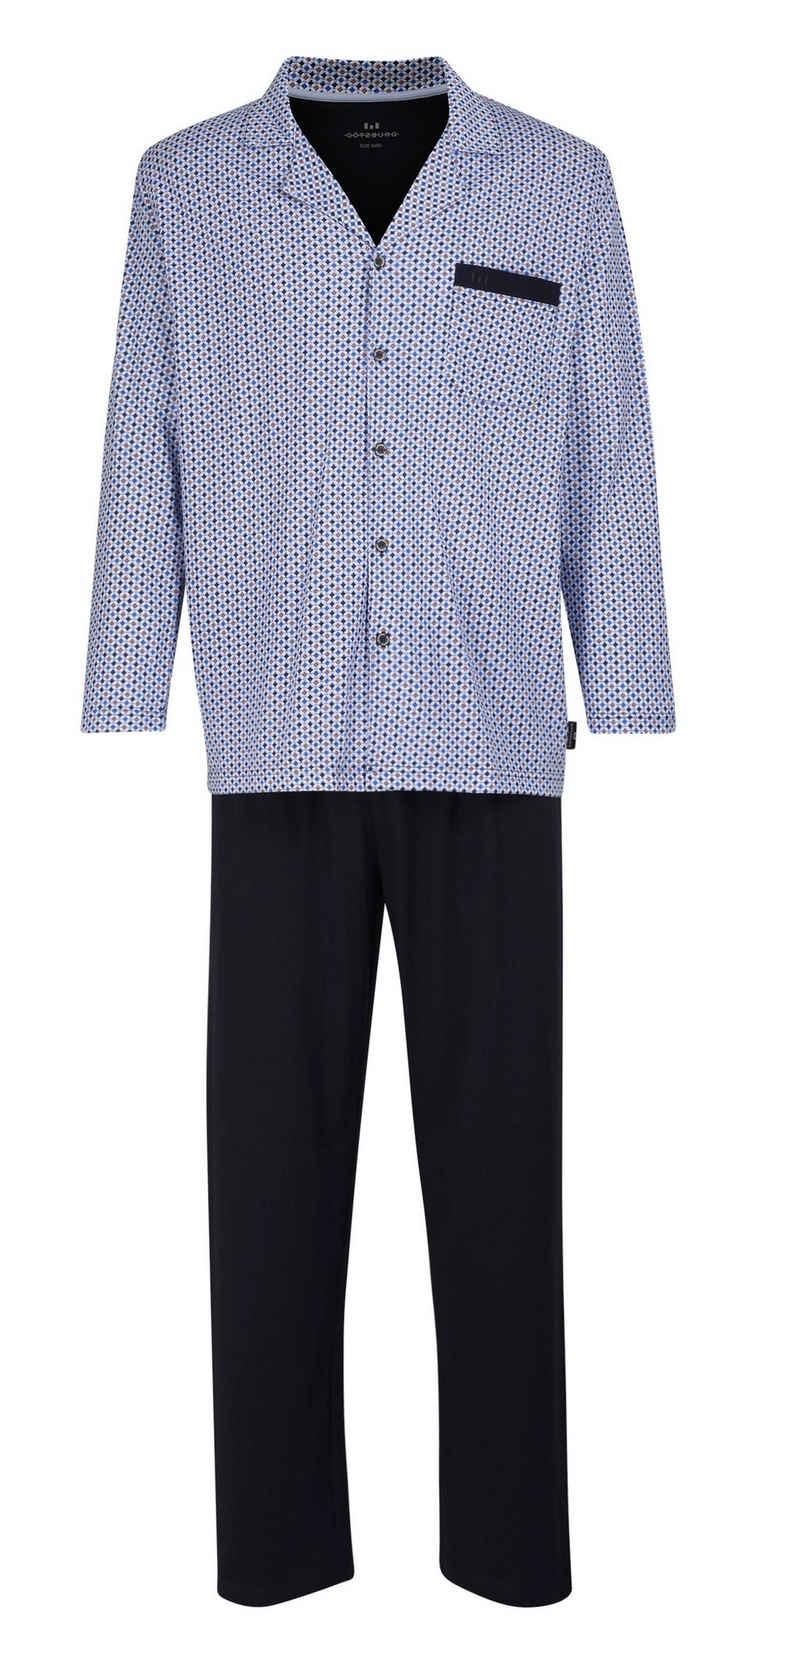 GÖTZBURG Pyjama »Götzburg Herren Jersey Pyjama« vorn geknöpft